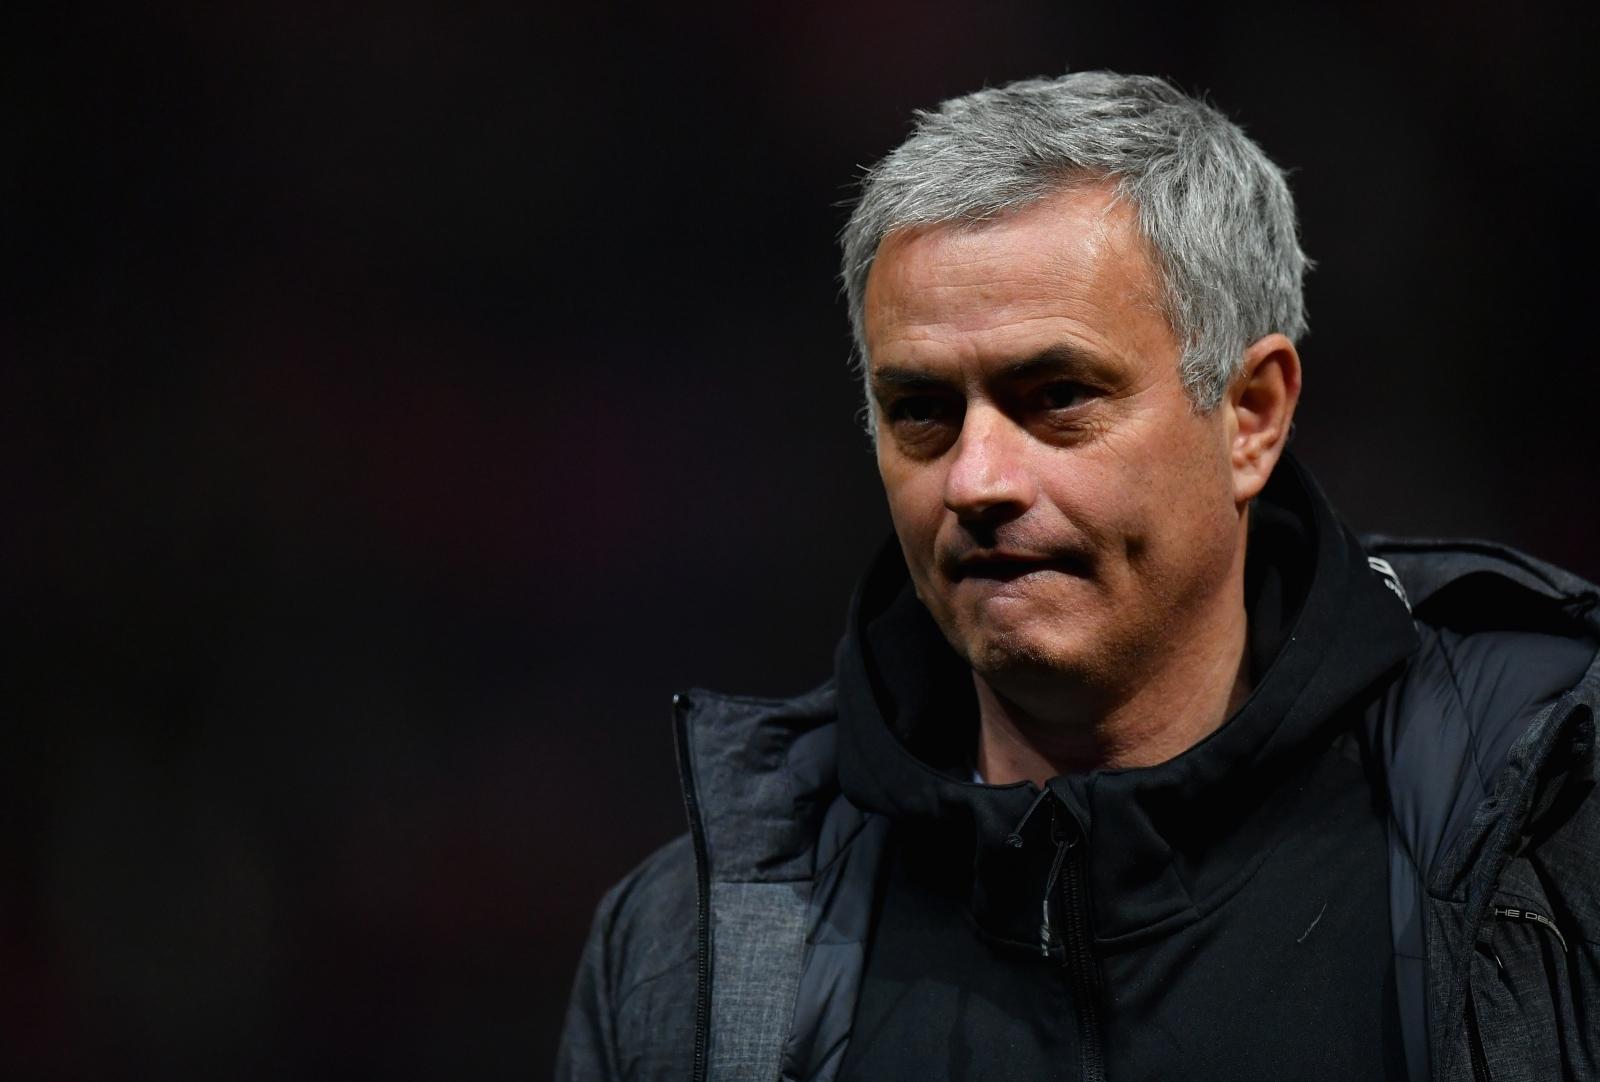 José Mourinho é ultrapassado ou a proposta dele não te agrada?